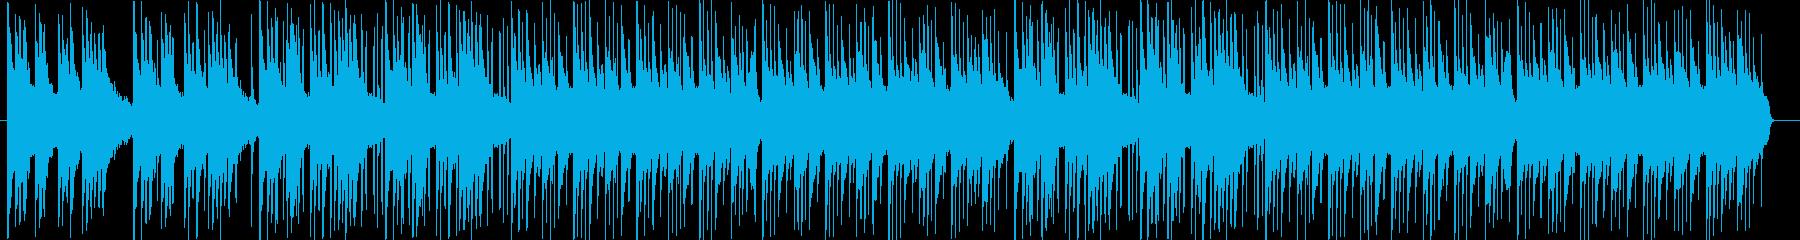 こども/料理/YouTube/木琴の再生済みの波形